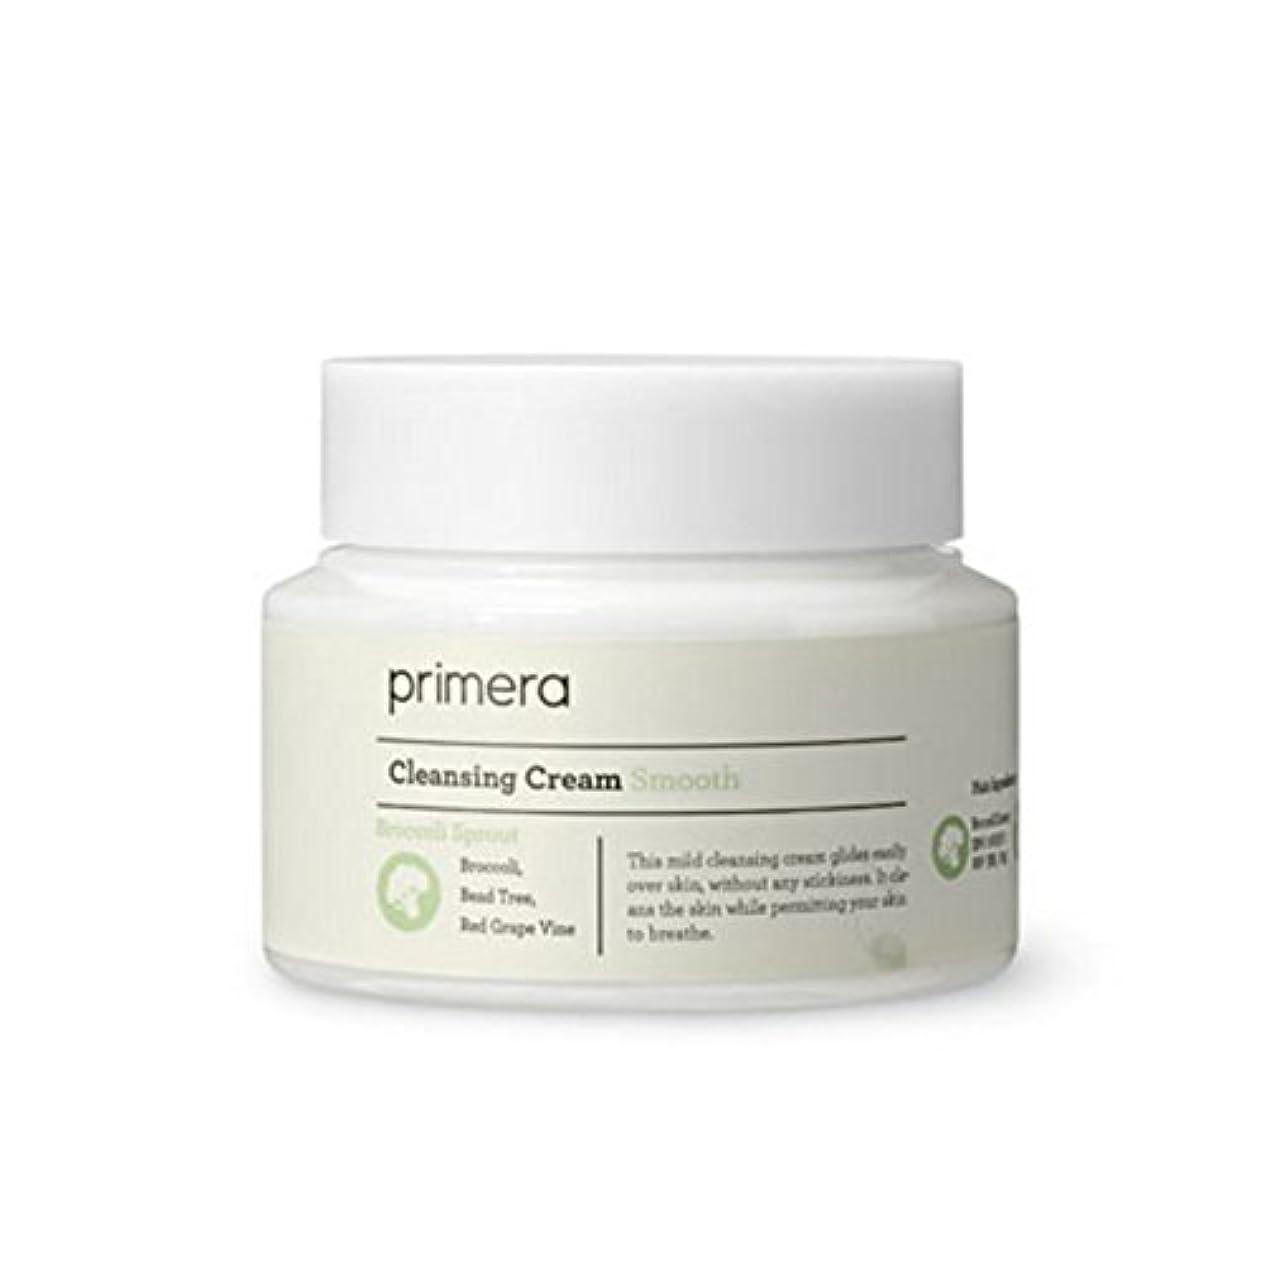 同性愛者配分犯人【プリメーラ】 PRIMERA Smooth Cleansing Cream スムース クレンジングクリーム 【韓国直送品】 OOPSPANDA